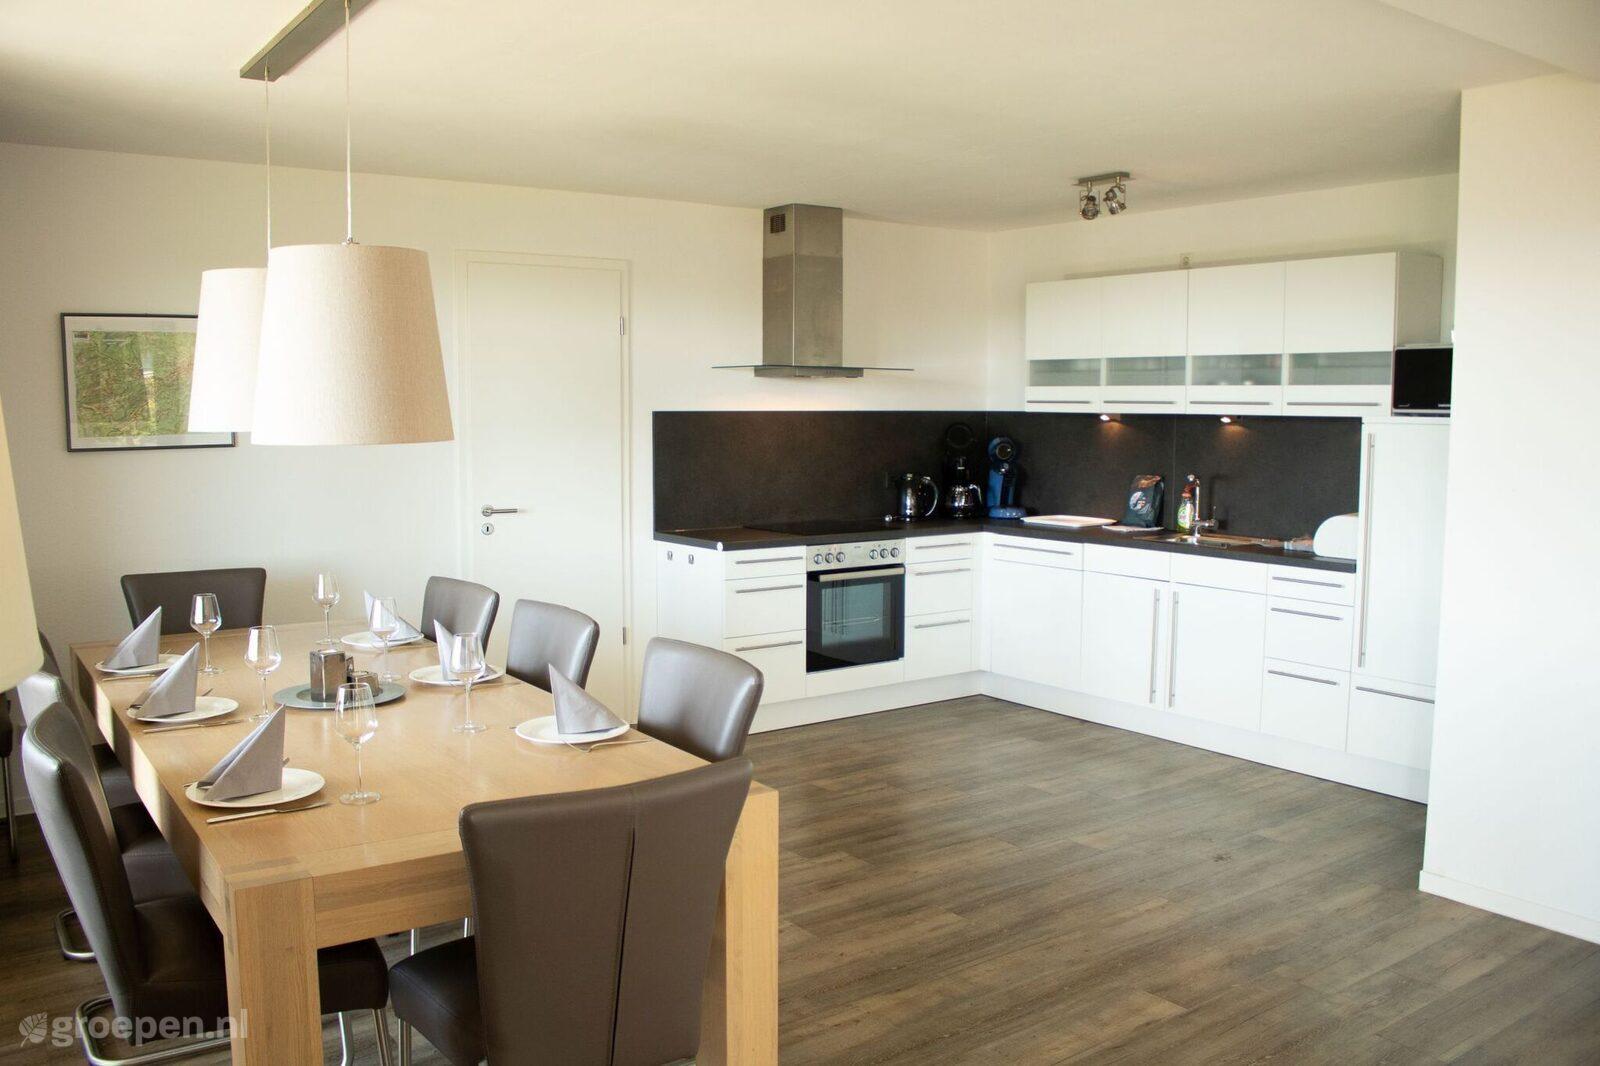 Group accommodation Neuastenberg